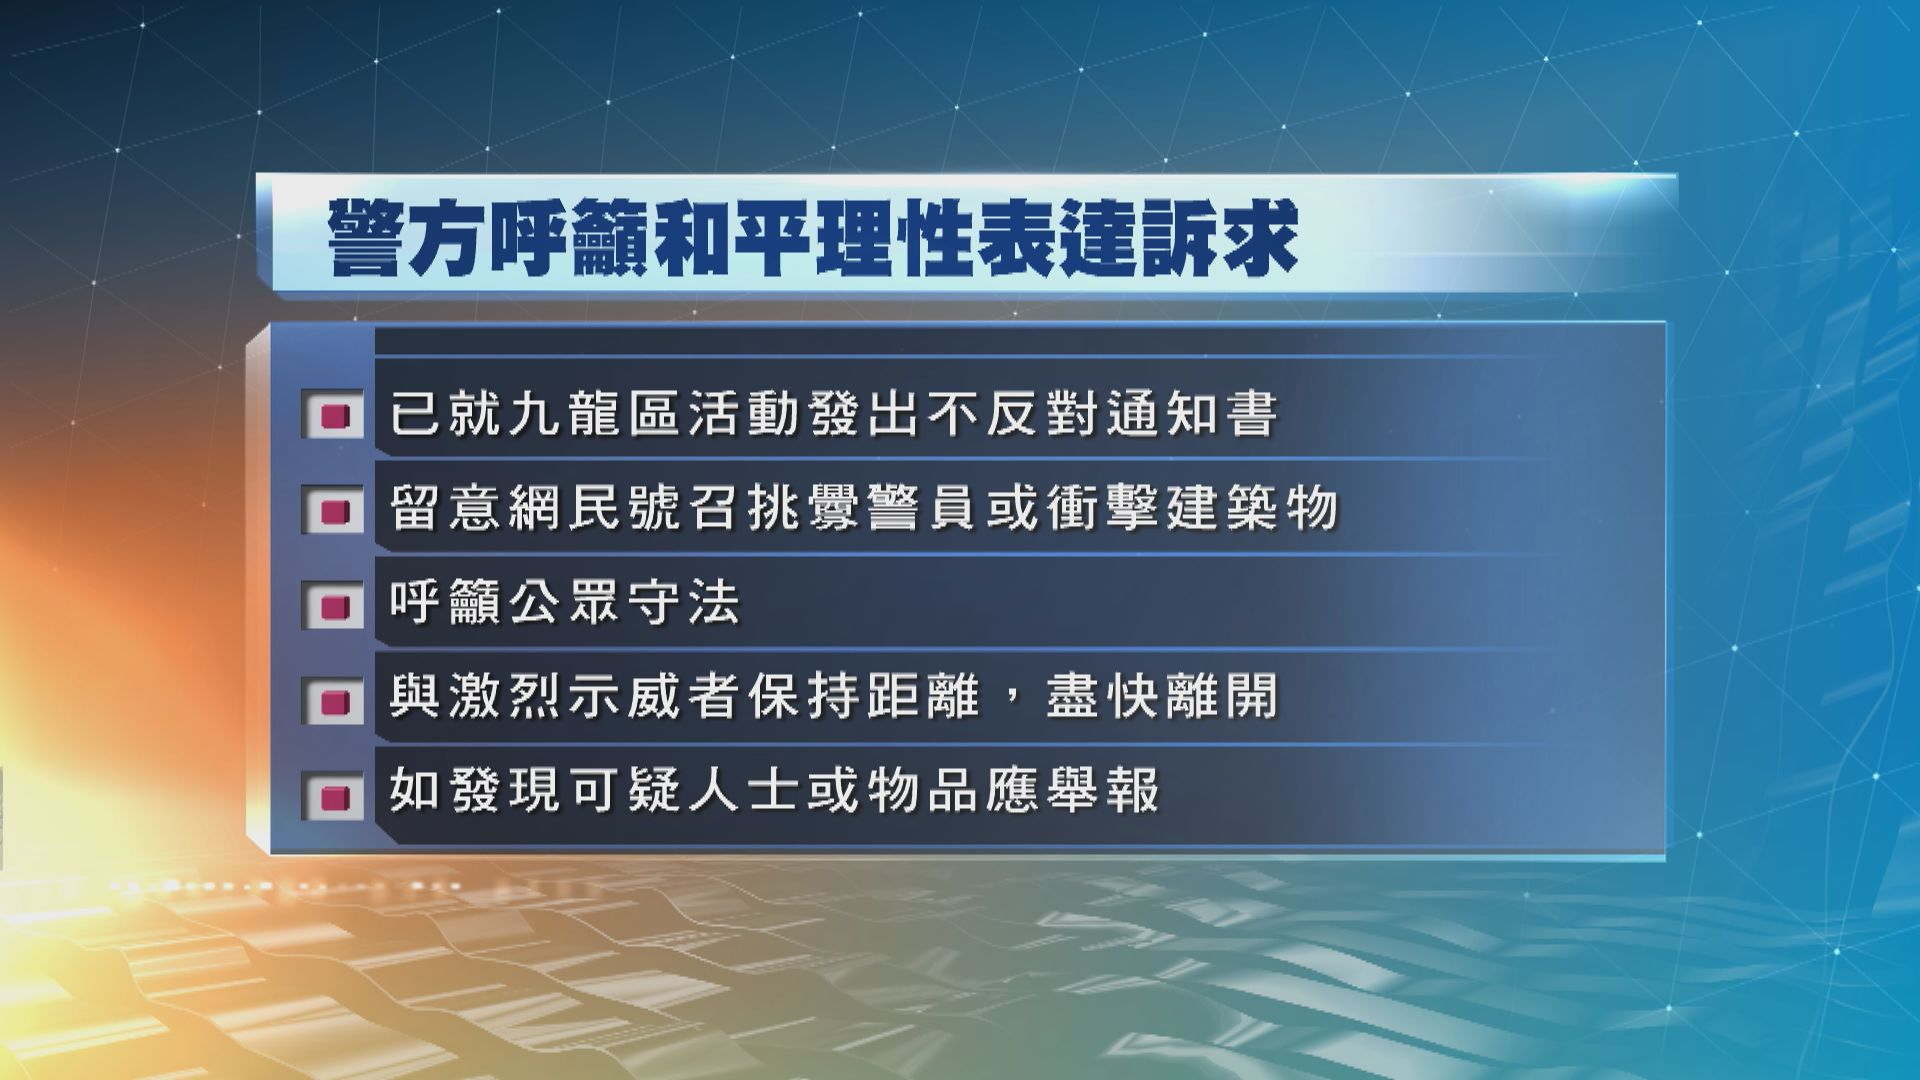 【九龍遊行】警方:有網民號召不合作運動 籲公眾守法